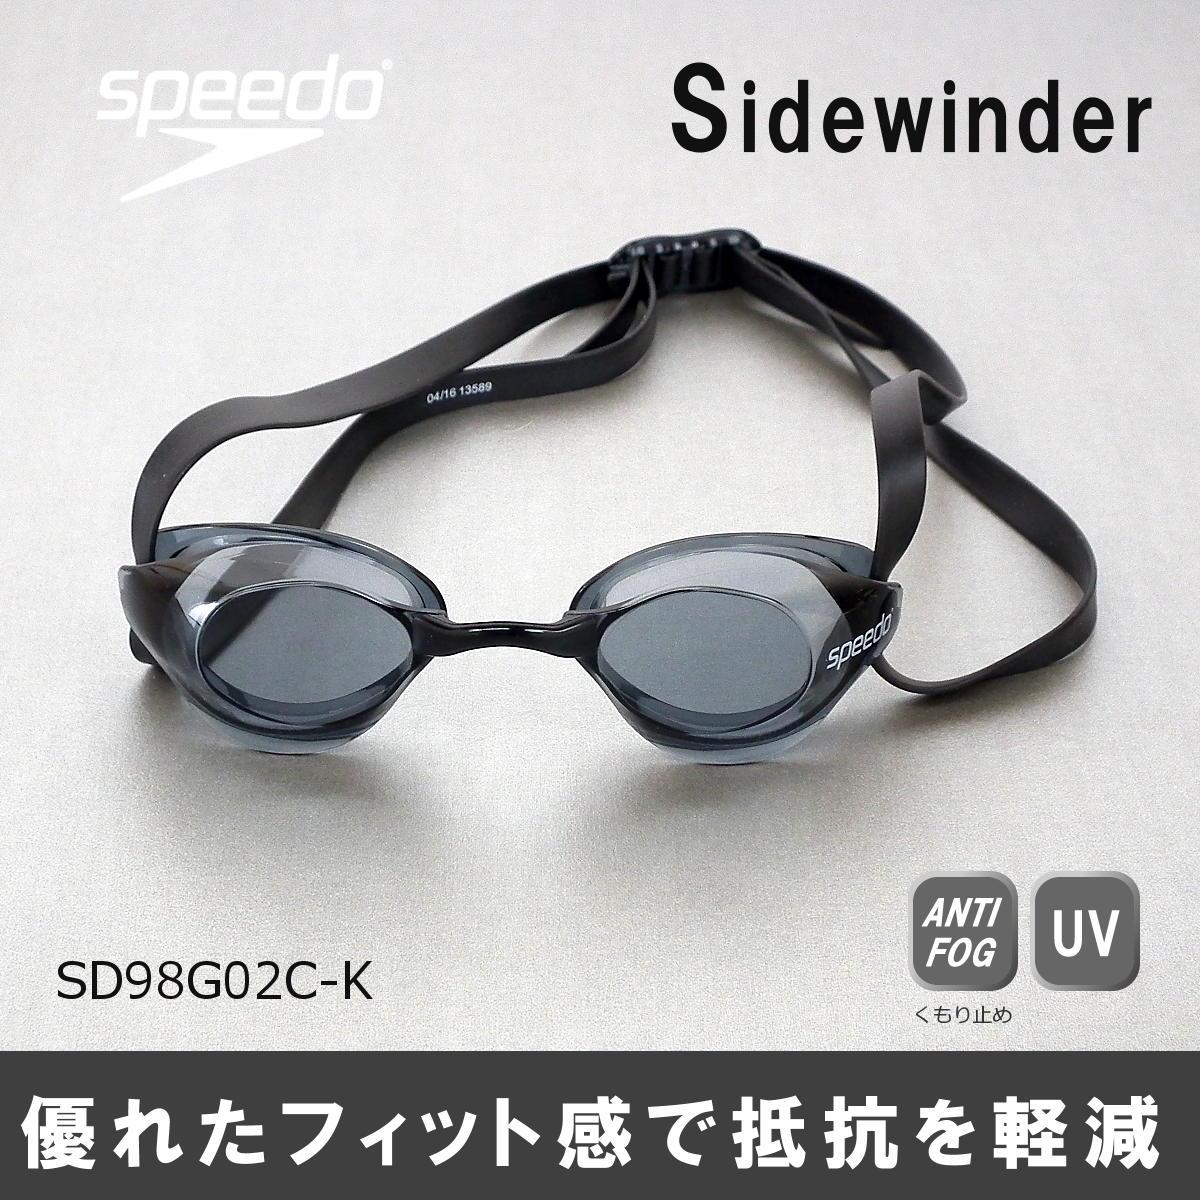 【スイムゴーグル】SPEEDO スピード ノンクッション スイミングゴーグル クリアタイプ サイドワインダー 水泳 SD98G02C-K